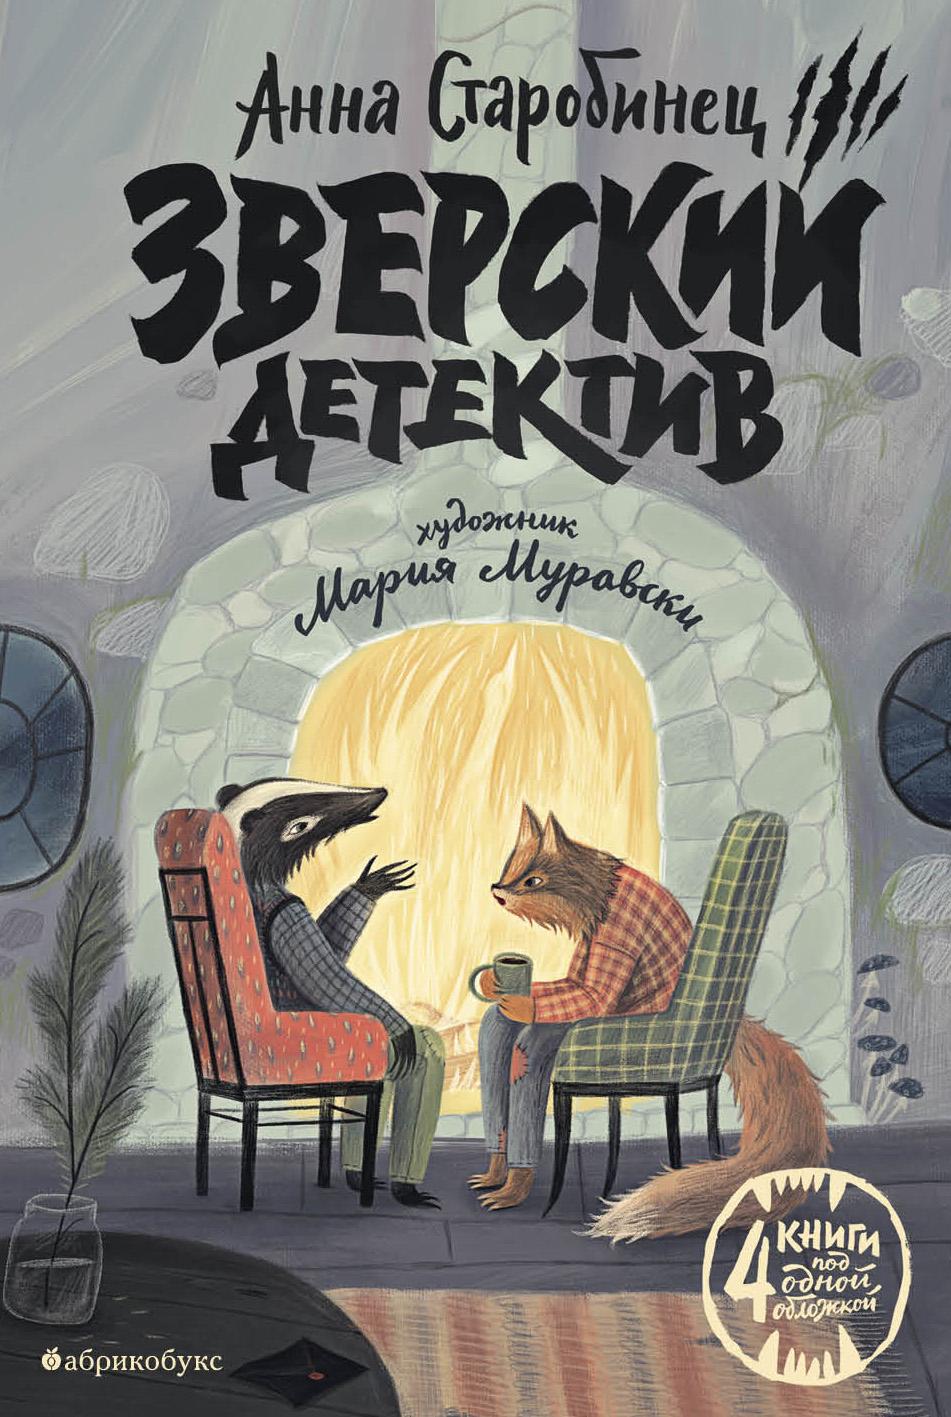 Обложка книги «Зверский детектив». Предоставлено издательством «Абрикобукс»